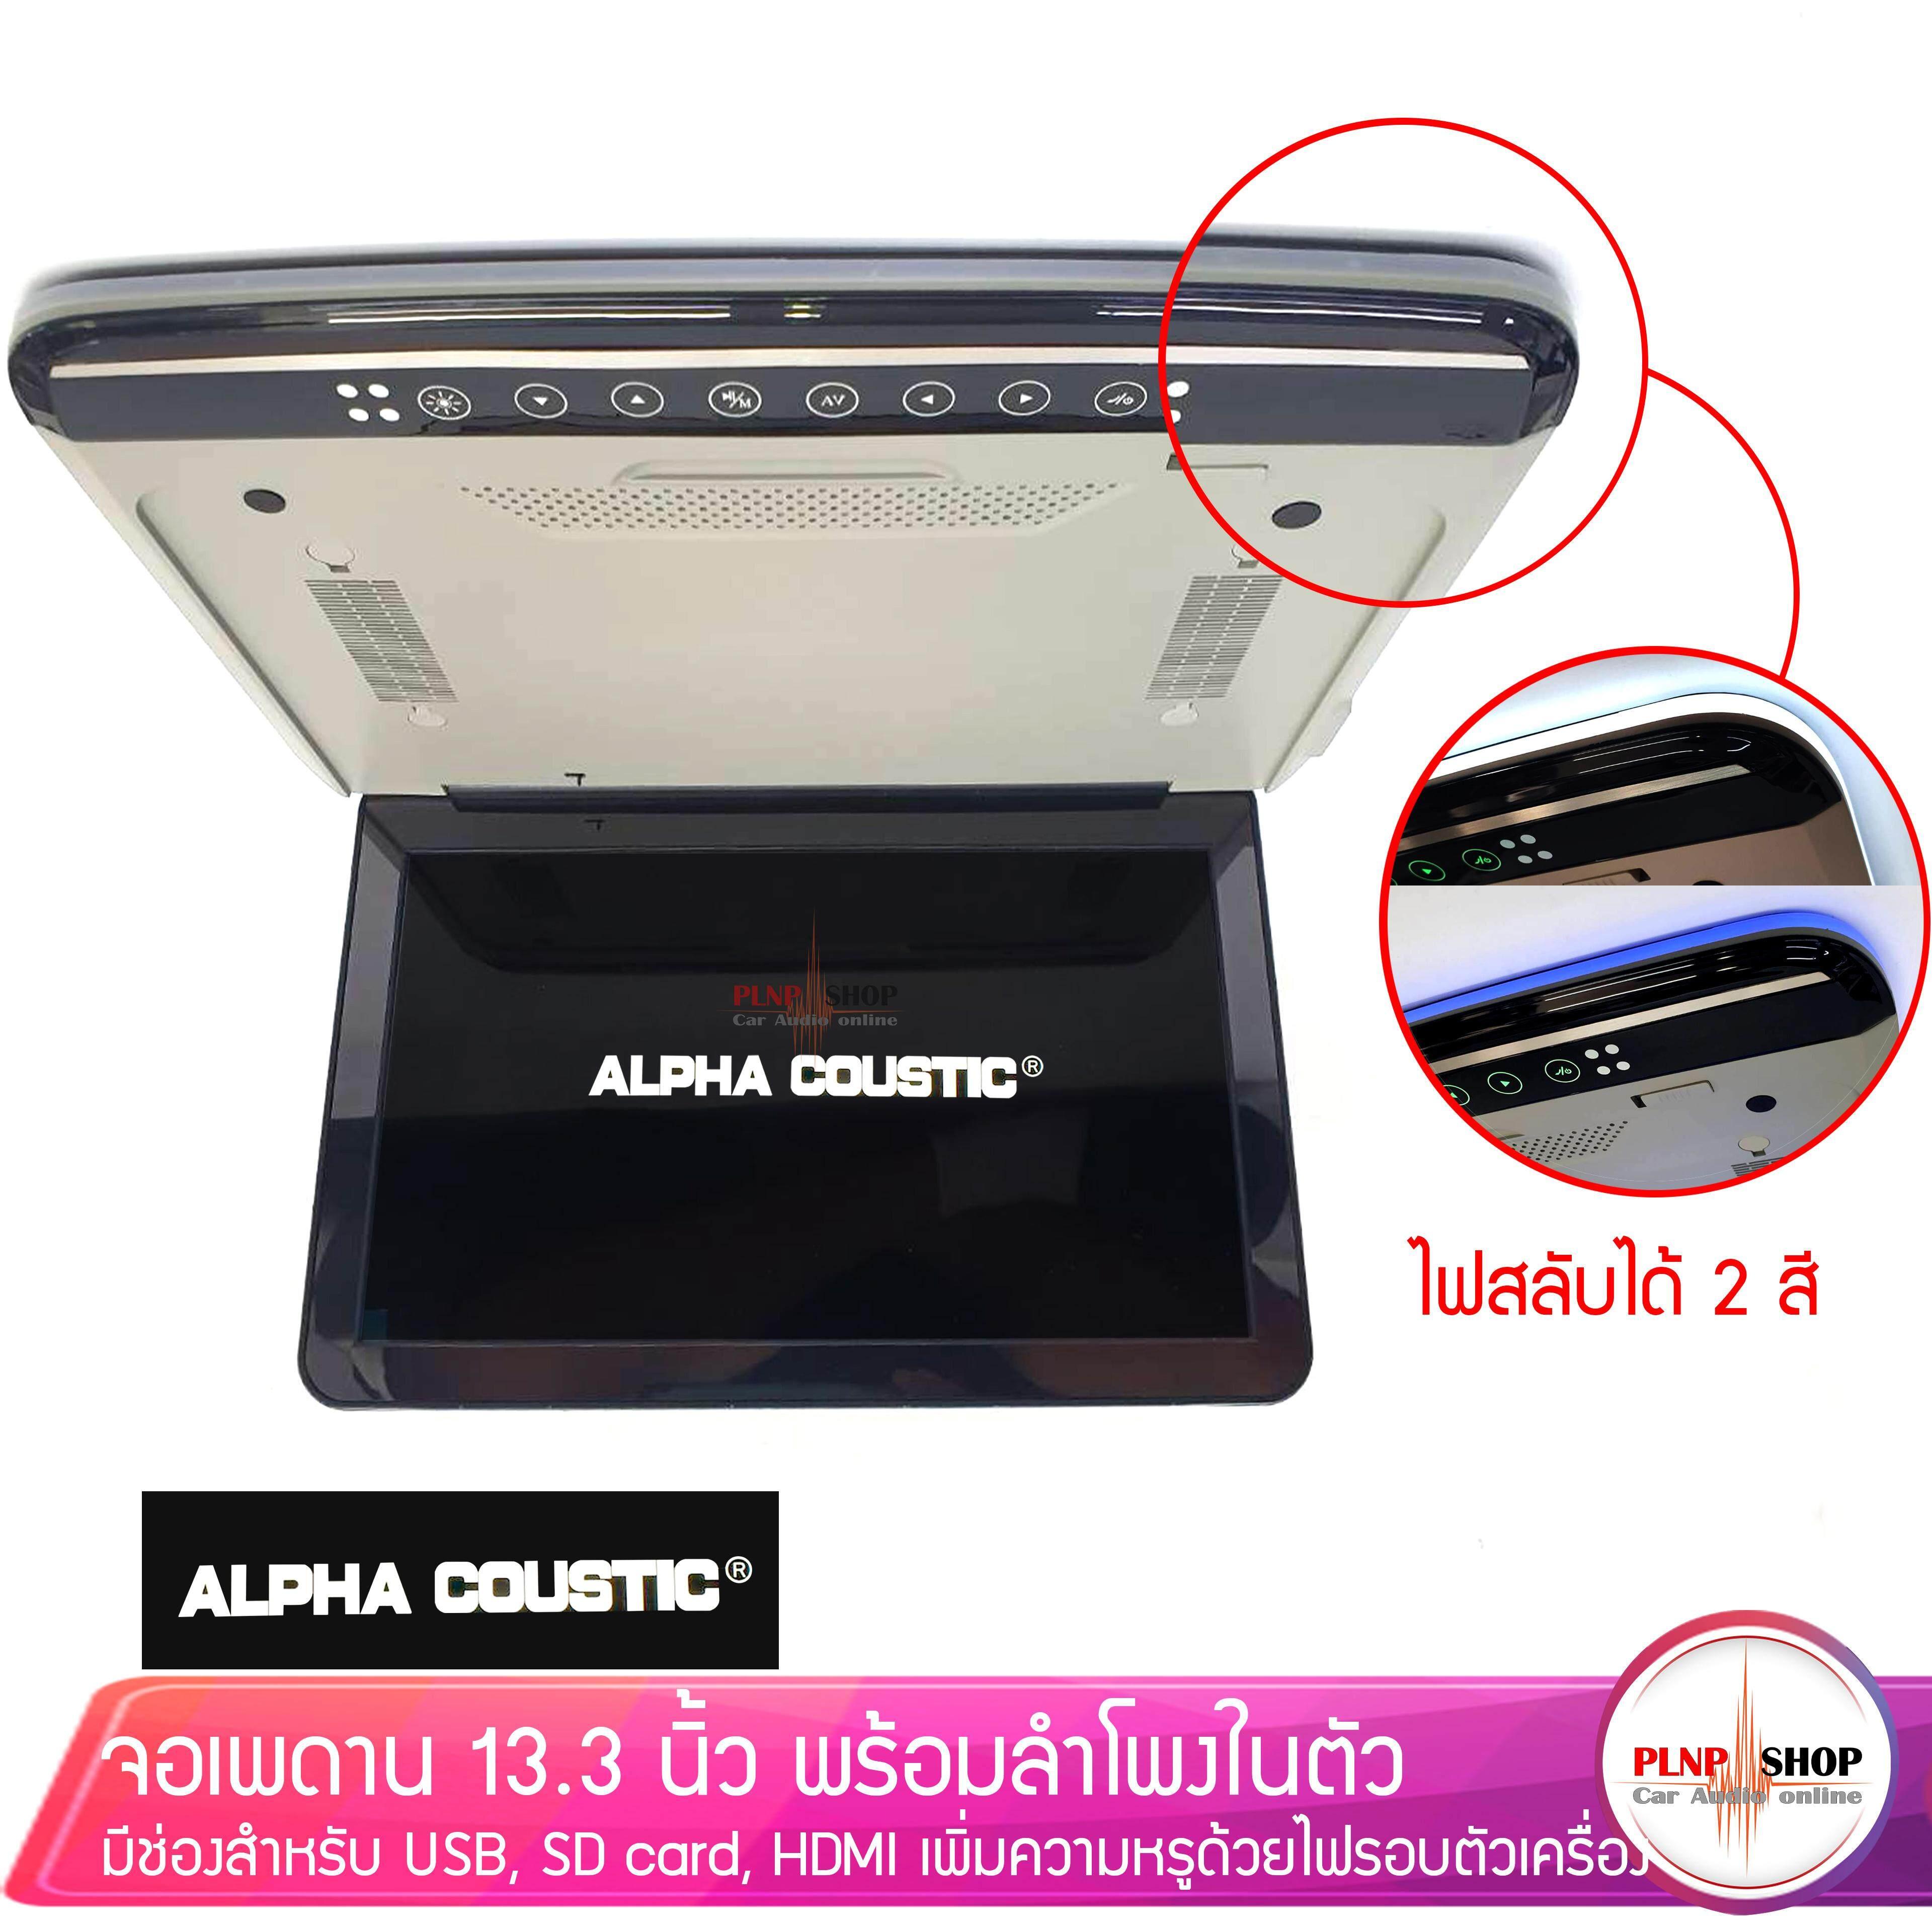 จอเพดานรถยนต์ Alpha Coustic จอขนาด 13.3นิ้ว สีเทา มีช่องเชื่อมต่อ Hdmi, Usb, Sd Card.